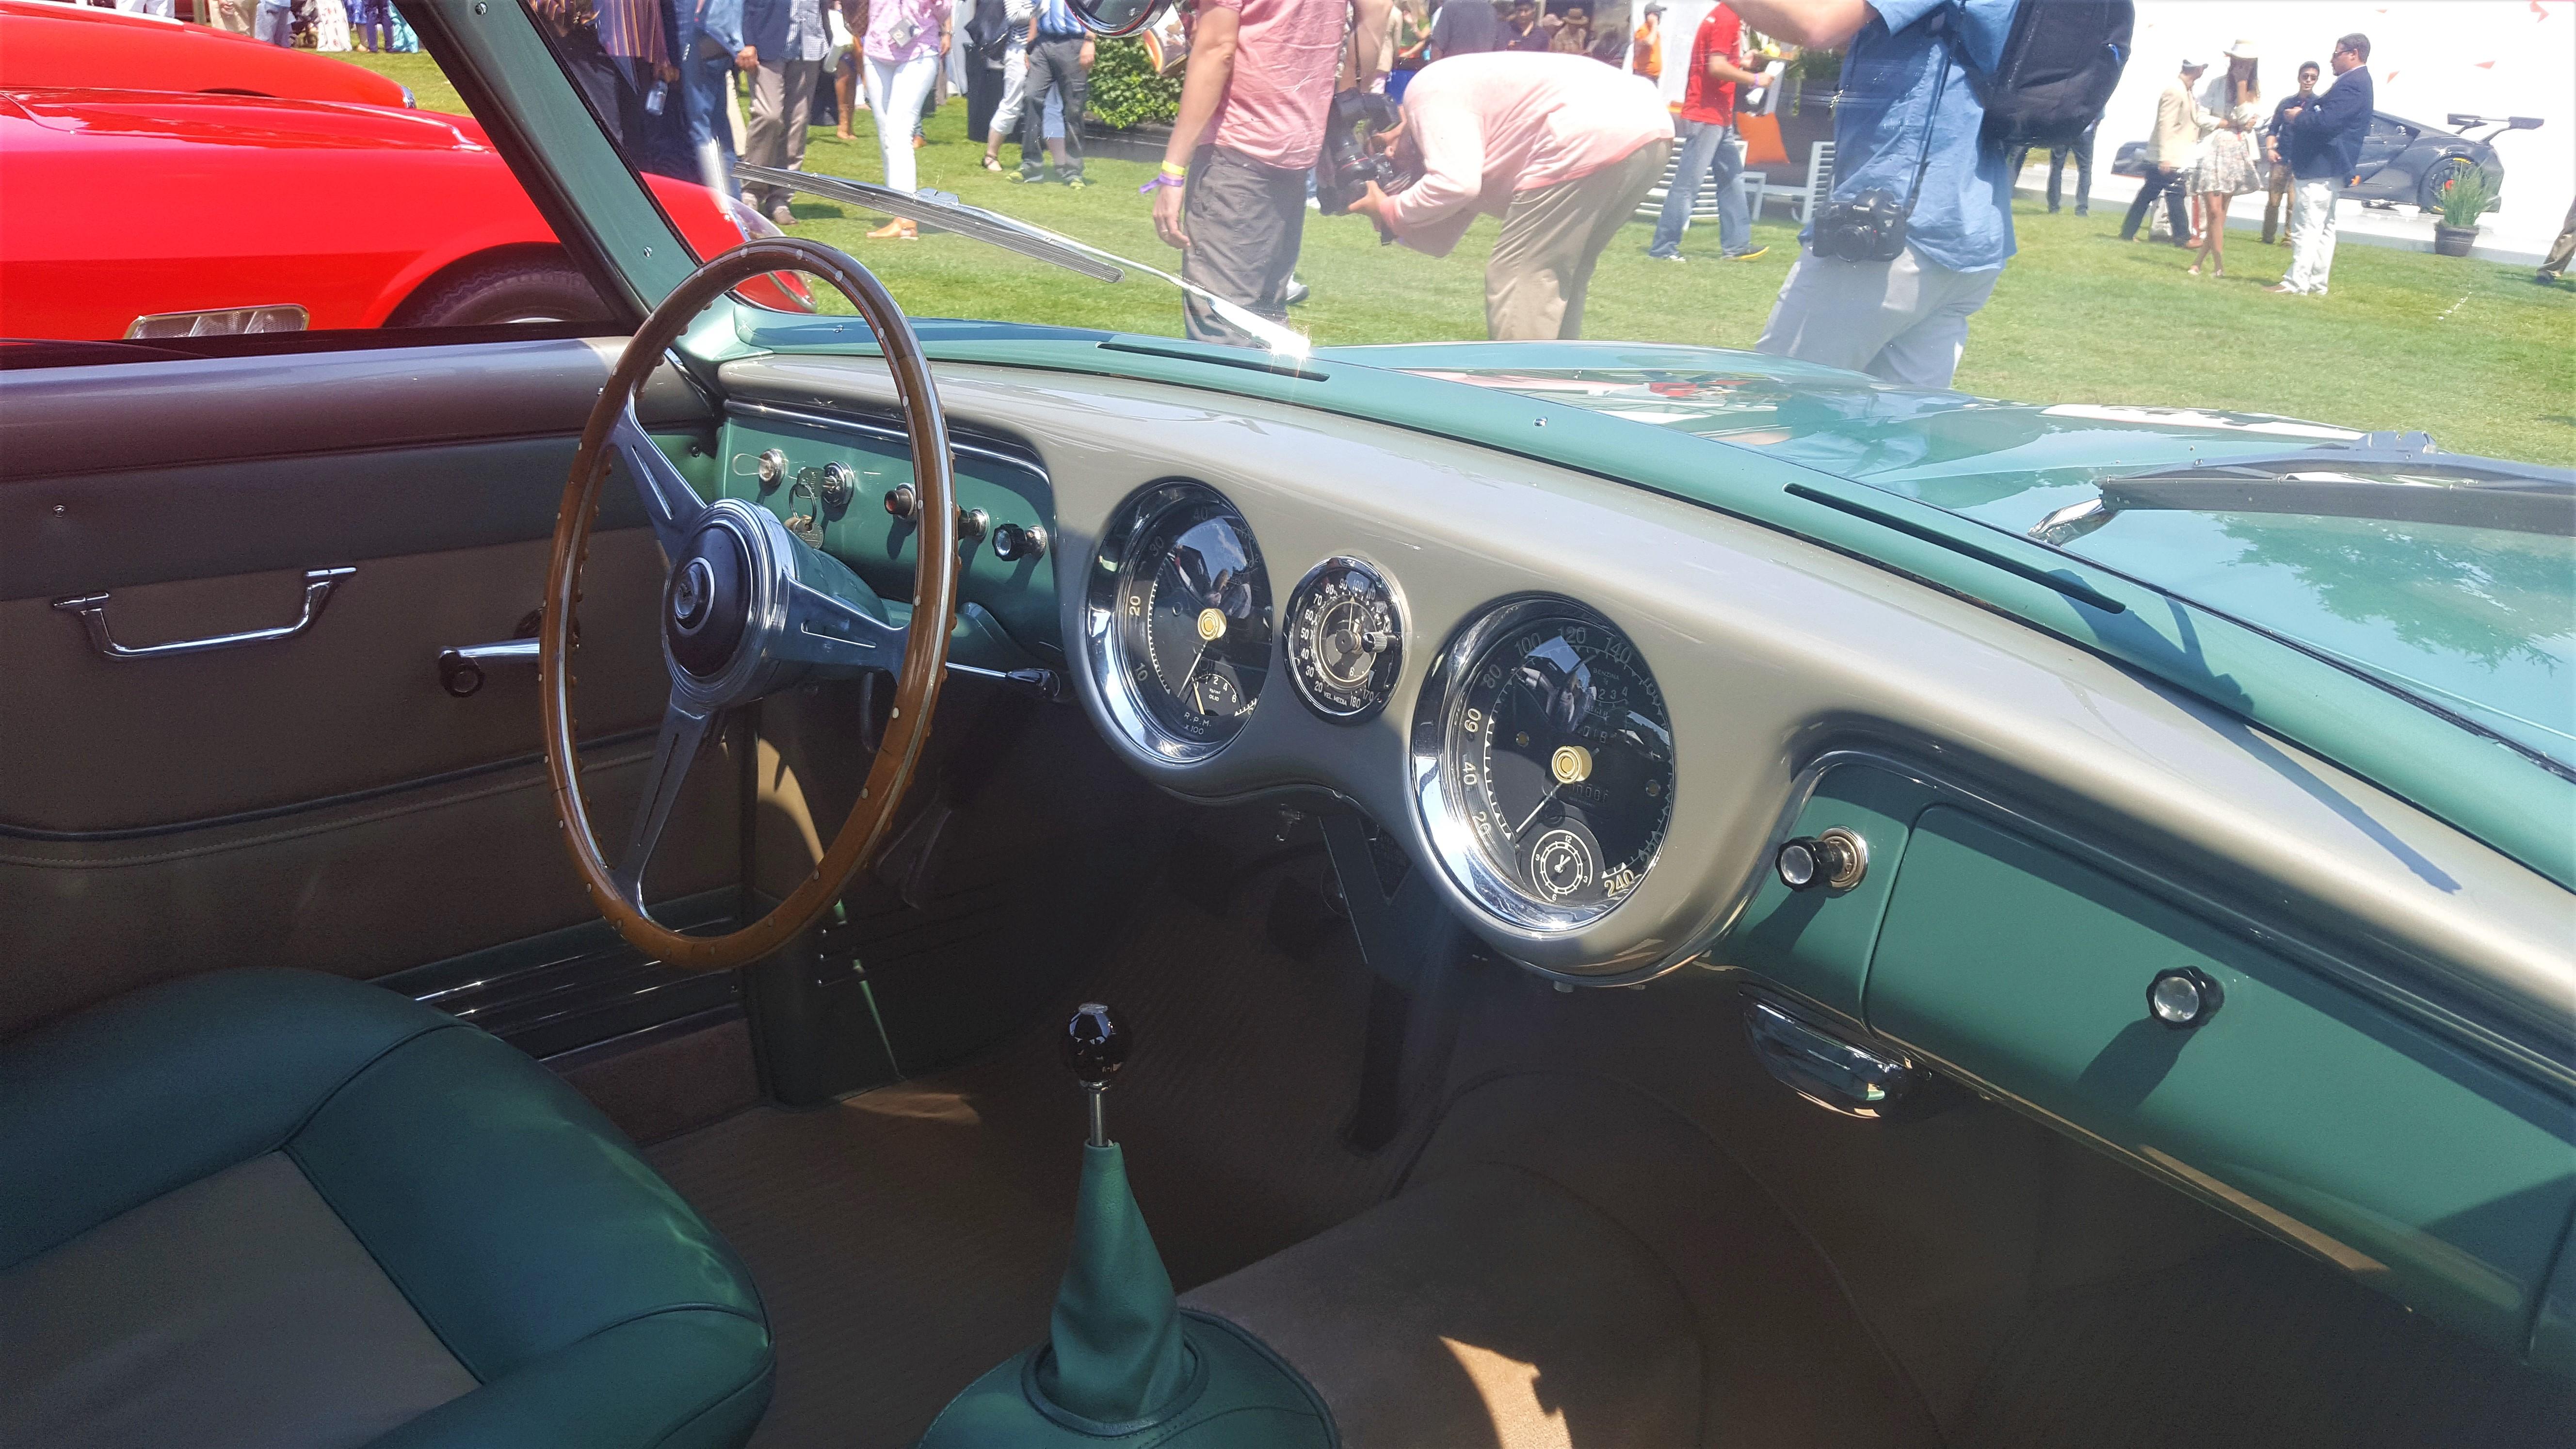 interior green/silver 1952 Ferrari 342 America - The Quail 2017